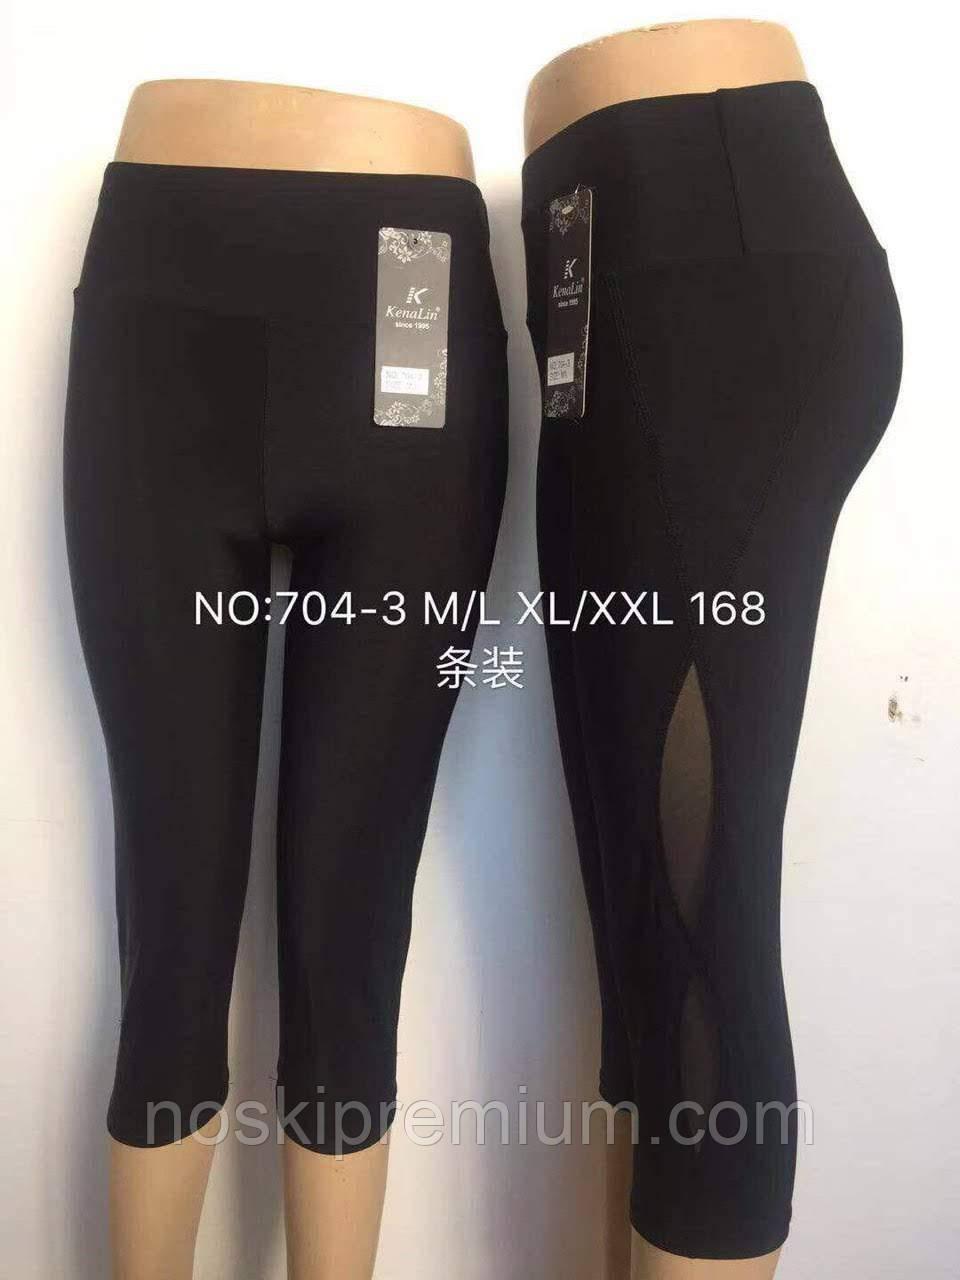 Бриджи женские бамбук+микромасло 3/4 Kenalin, размер XL-XXL, чёрные, 704-3